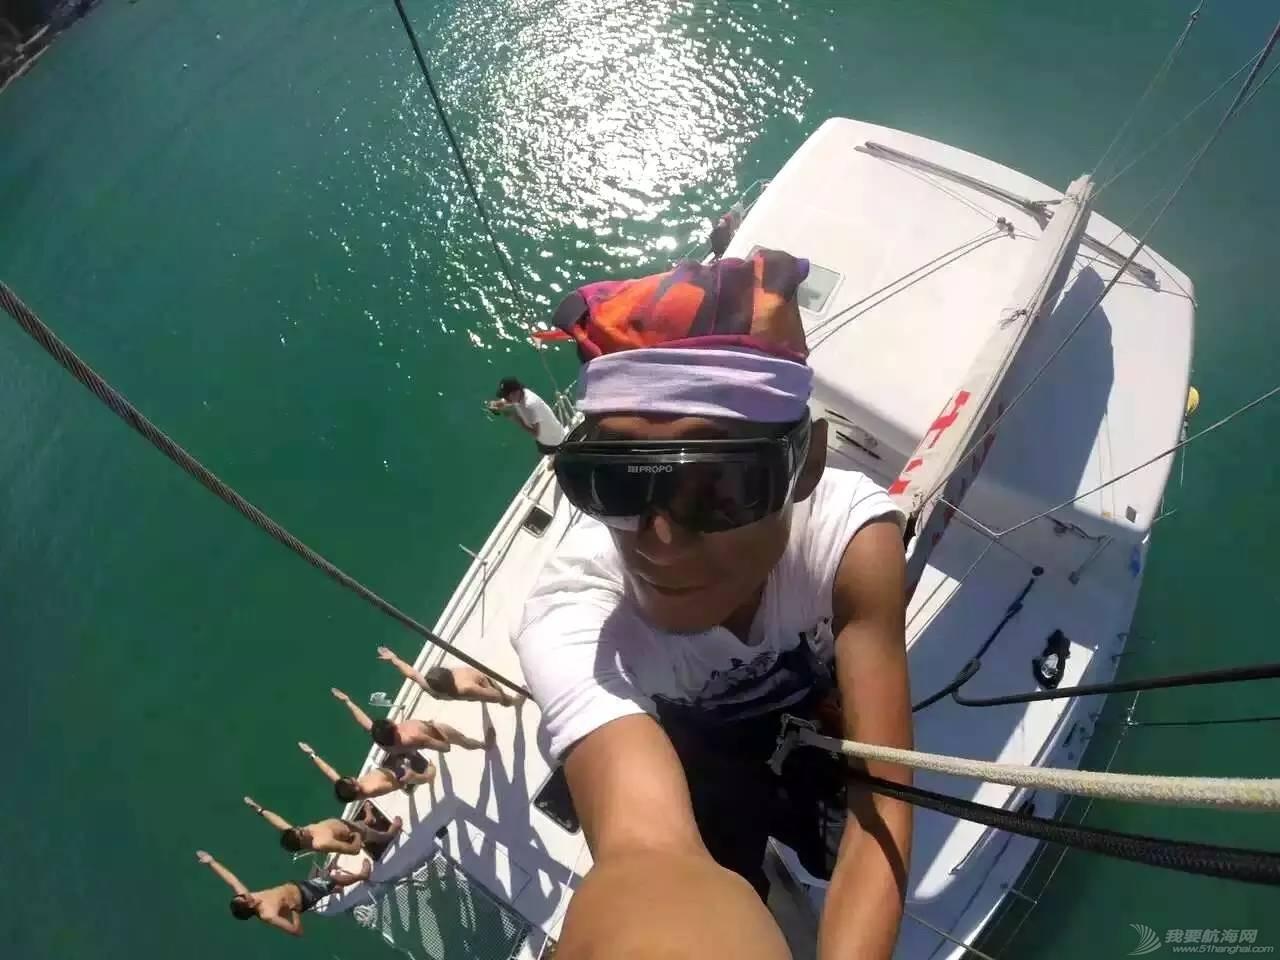 菲律宾,东南亚,照片,左右 3000海里远航东南亚//第二站【菲律宾-东马】 e590c91001611c534650f1e87c8bbeb3.jpg